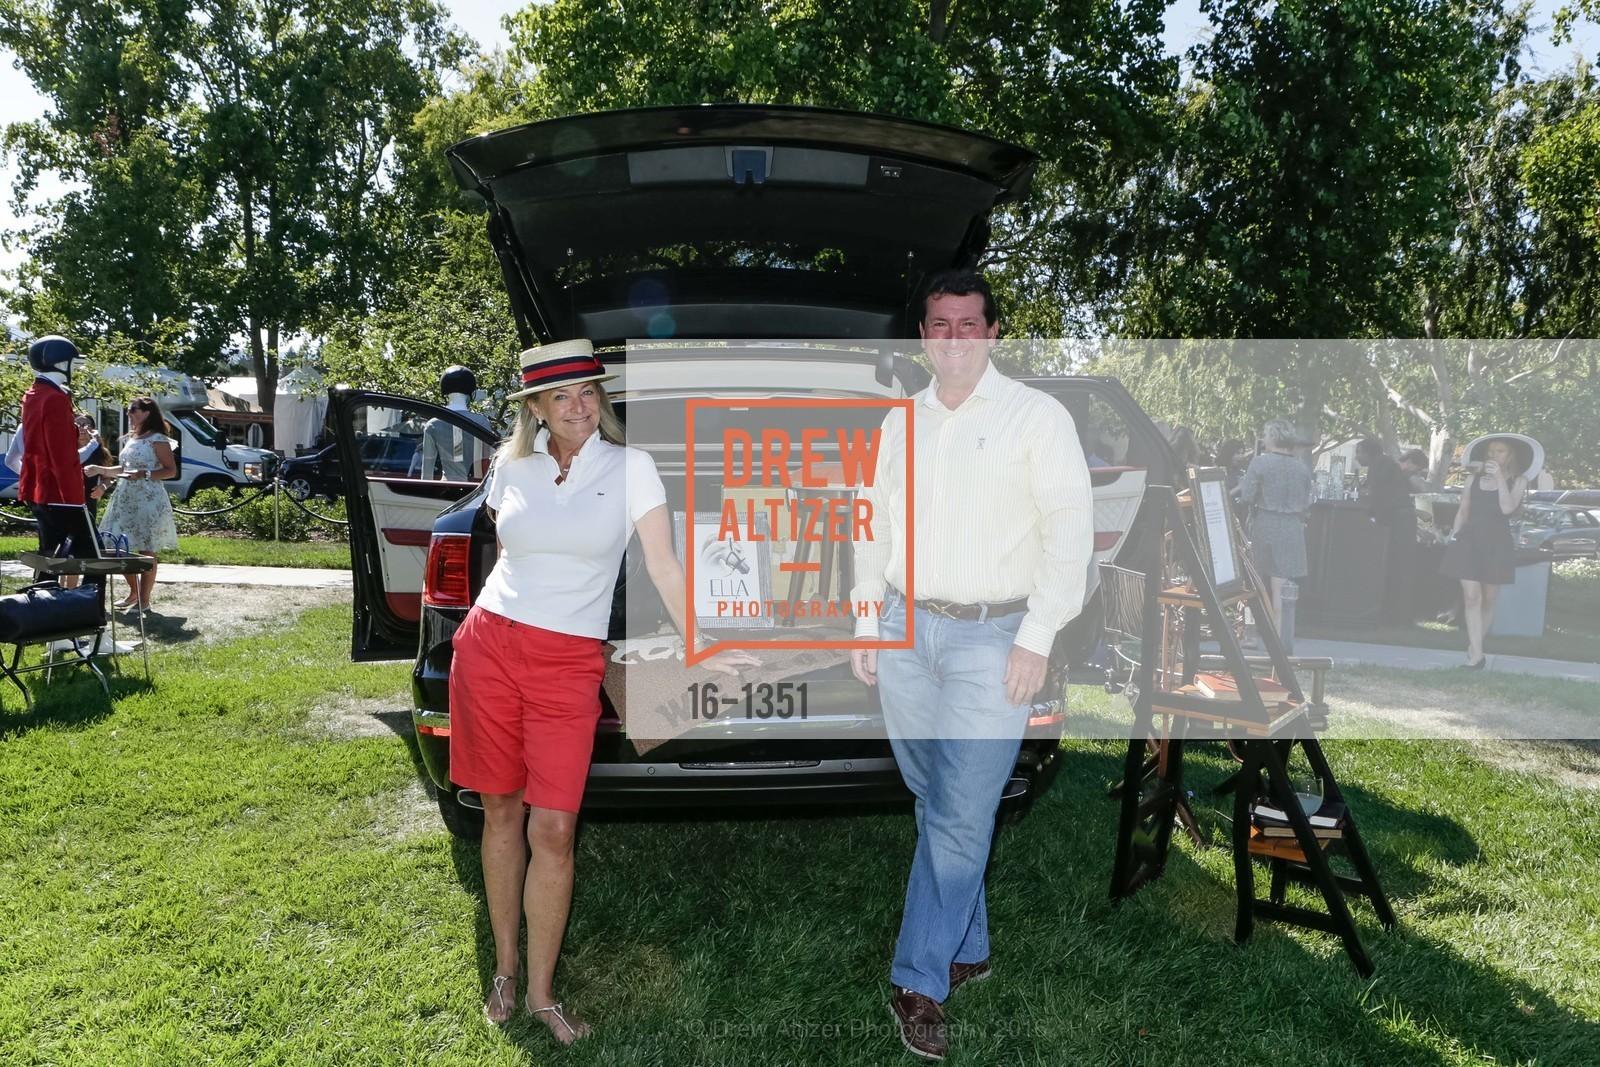 Shelby Strudwick, Steve Goldenberg, Photo #16-1351